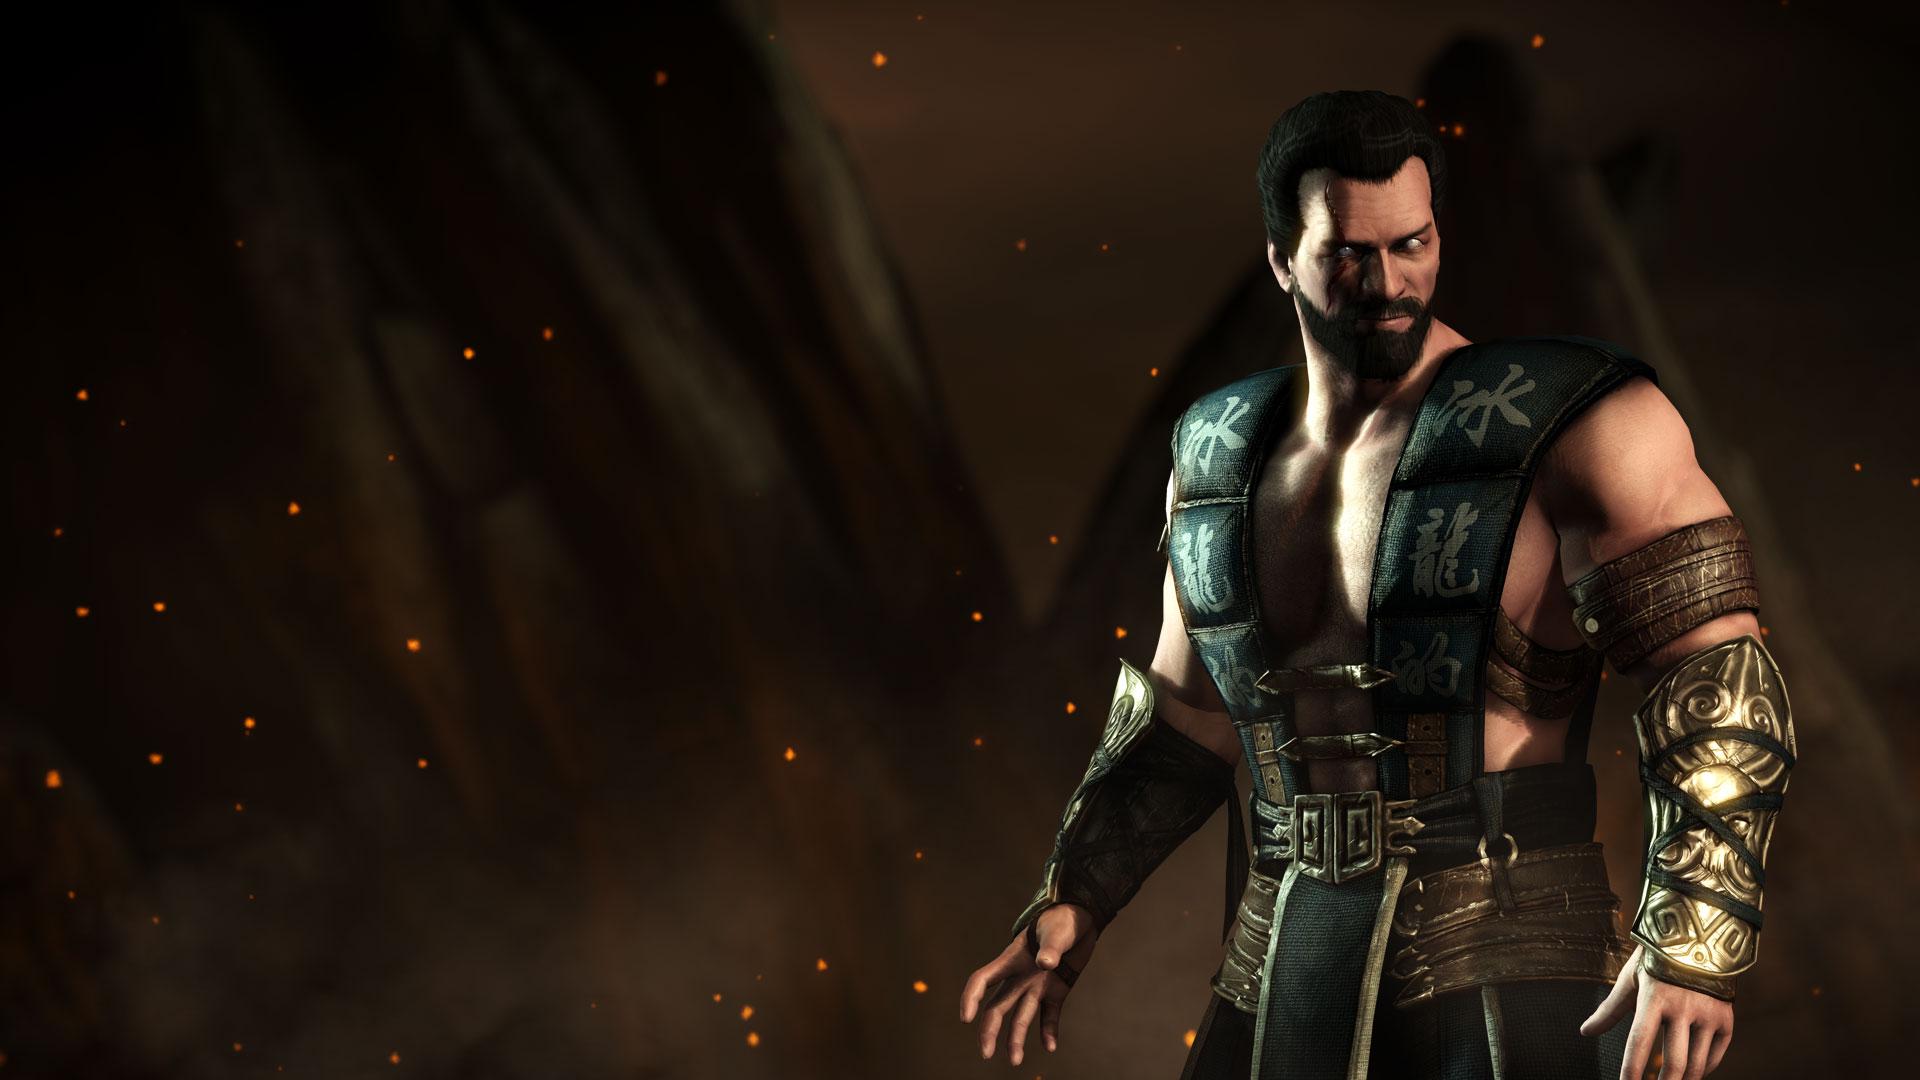 Mkwarehouse Mortal Kombat Vs Dc Universe Raiden Fatality Mortal